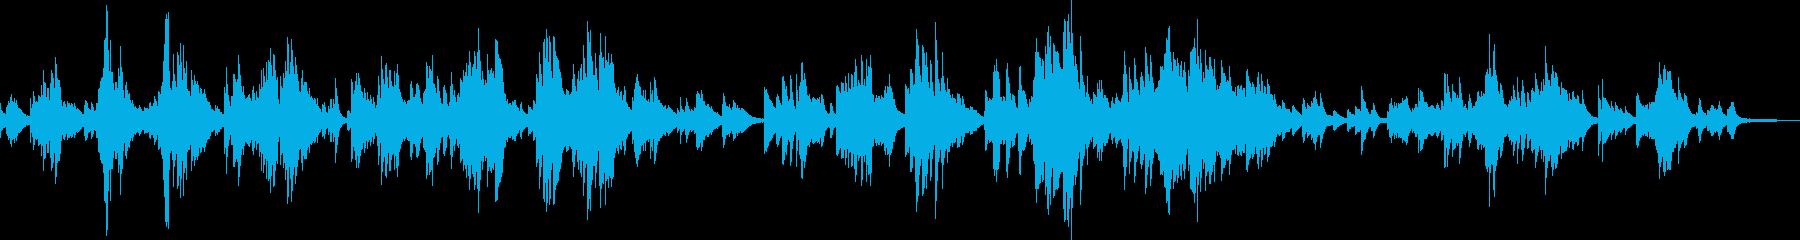 優雅なひと時(ピアノ・エレガンス・贅沢)の再生済みの波形